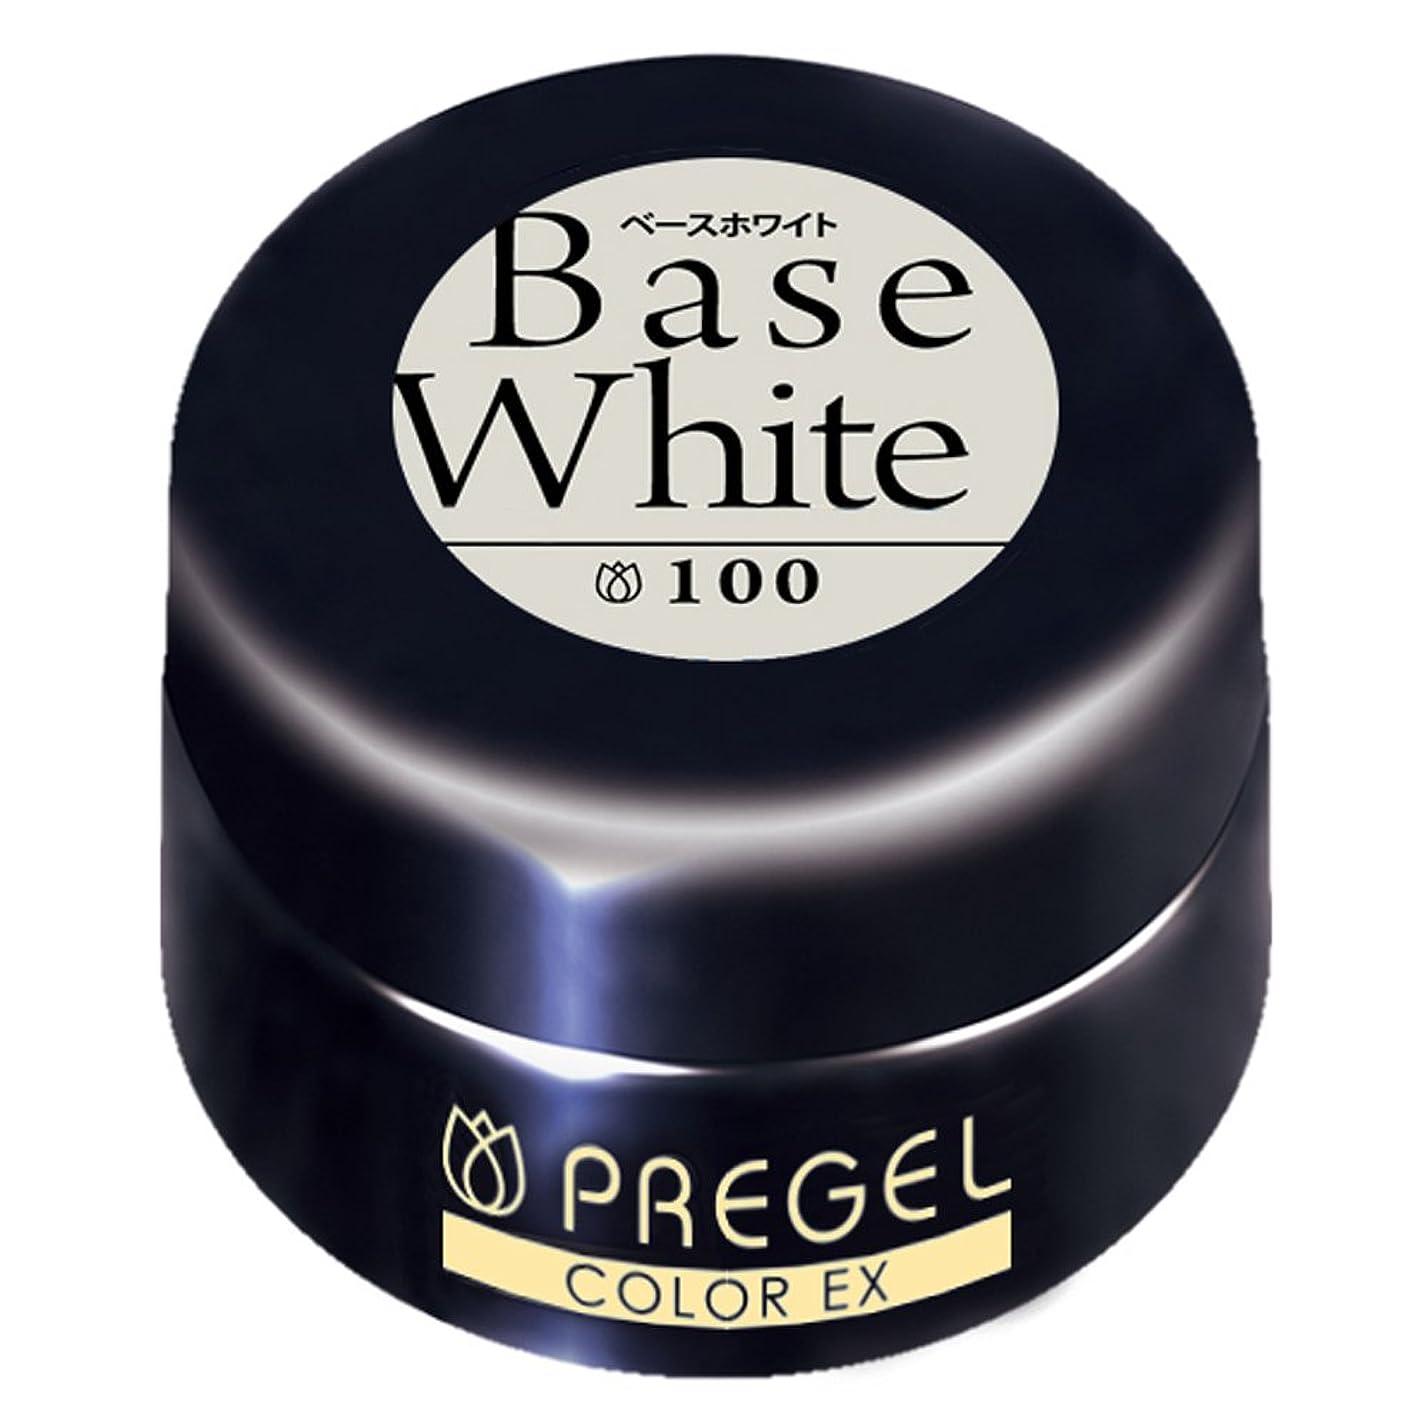 推定症状擁するプリジェル ジェルネイル プリジェル ジェルネイル カラーEX ベースホワイト100 4g カラージェル UV/LED対応